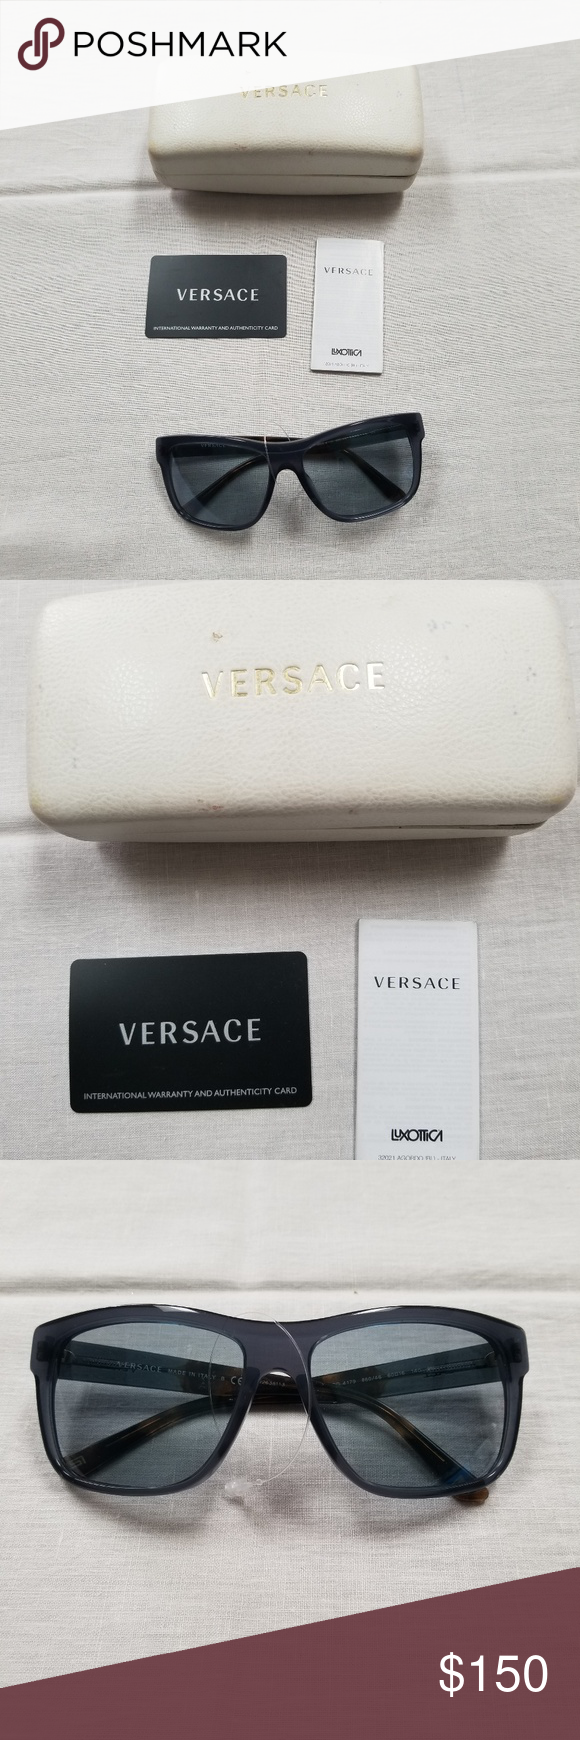 91e99af658a Versace Sunglasses Authentic